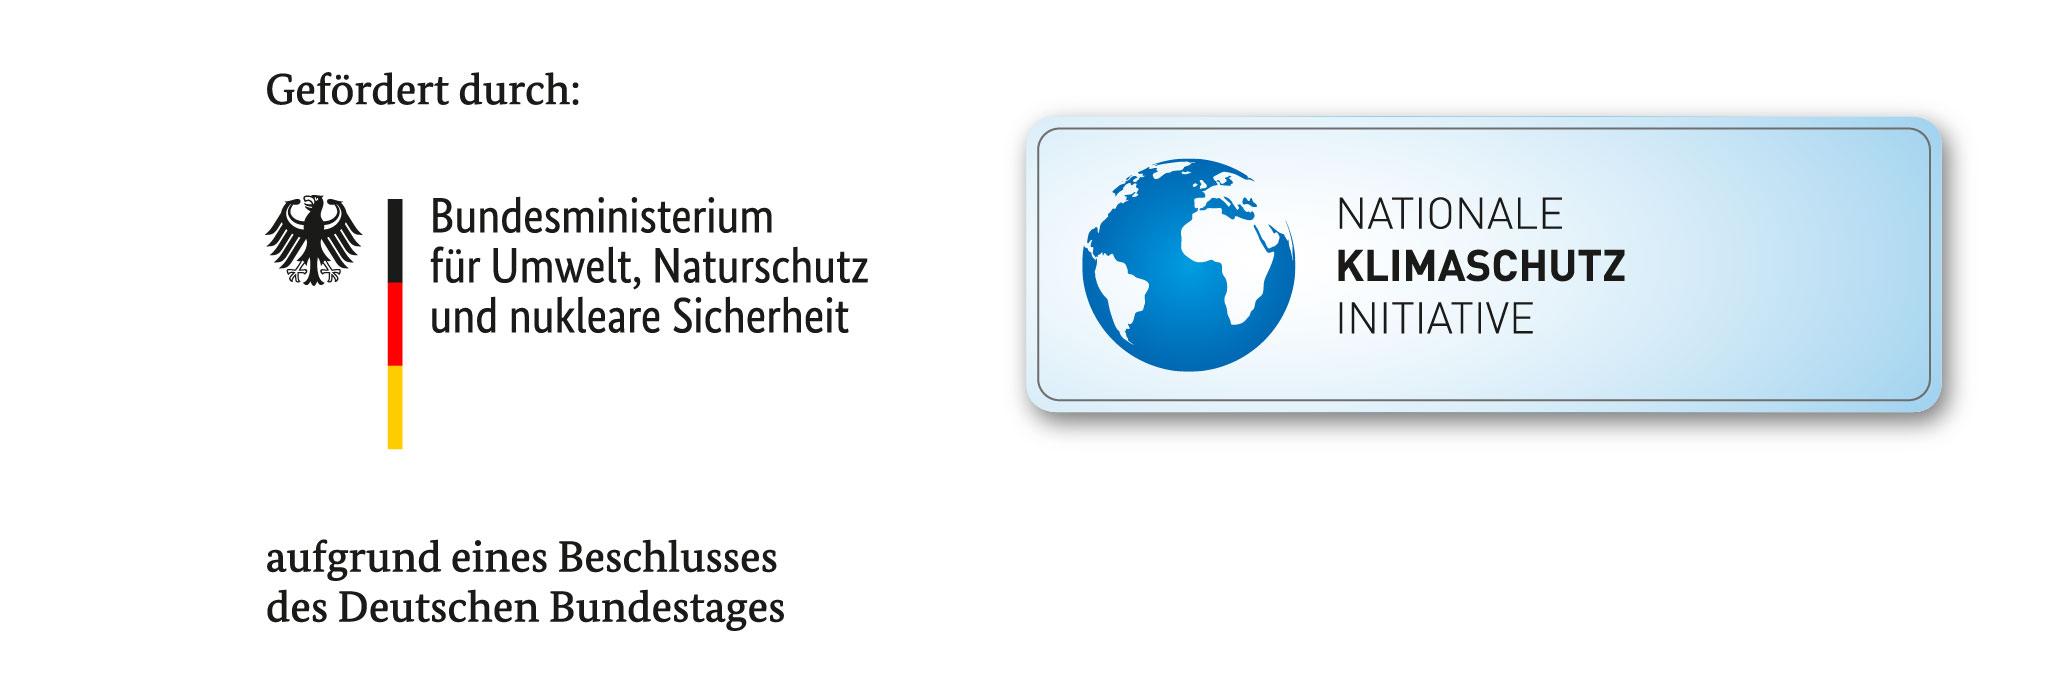 Logo: Förderung durch den Bund